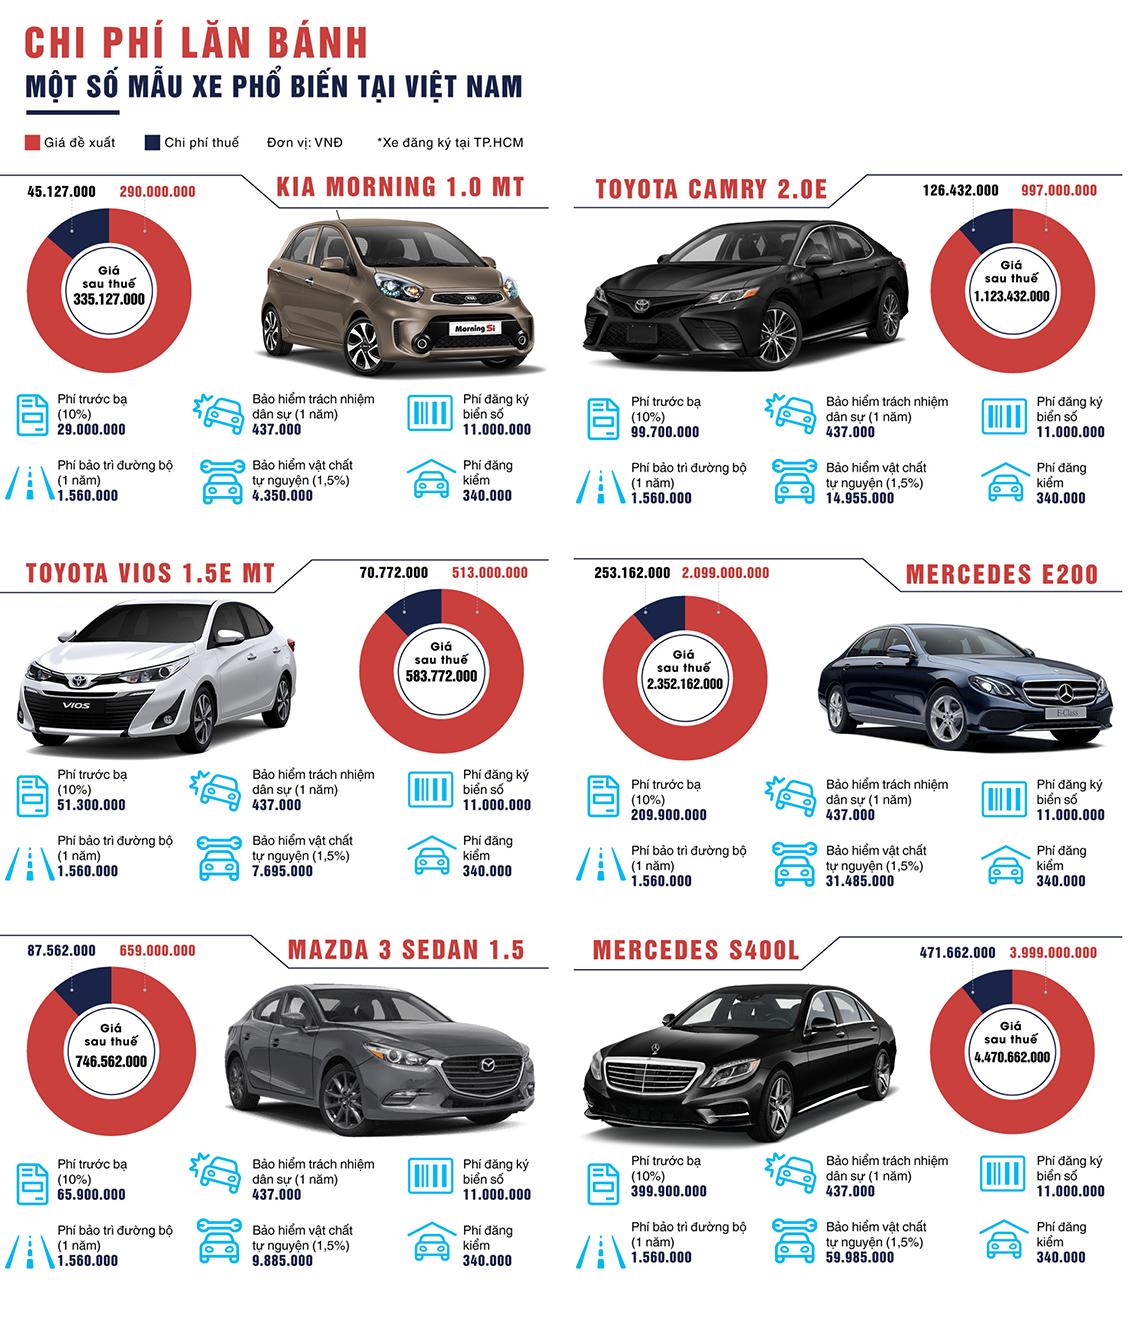 Ước tính giá xe ô tô sanxeoto